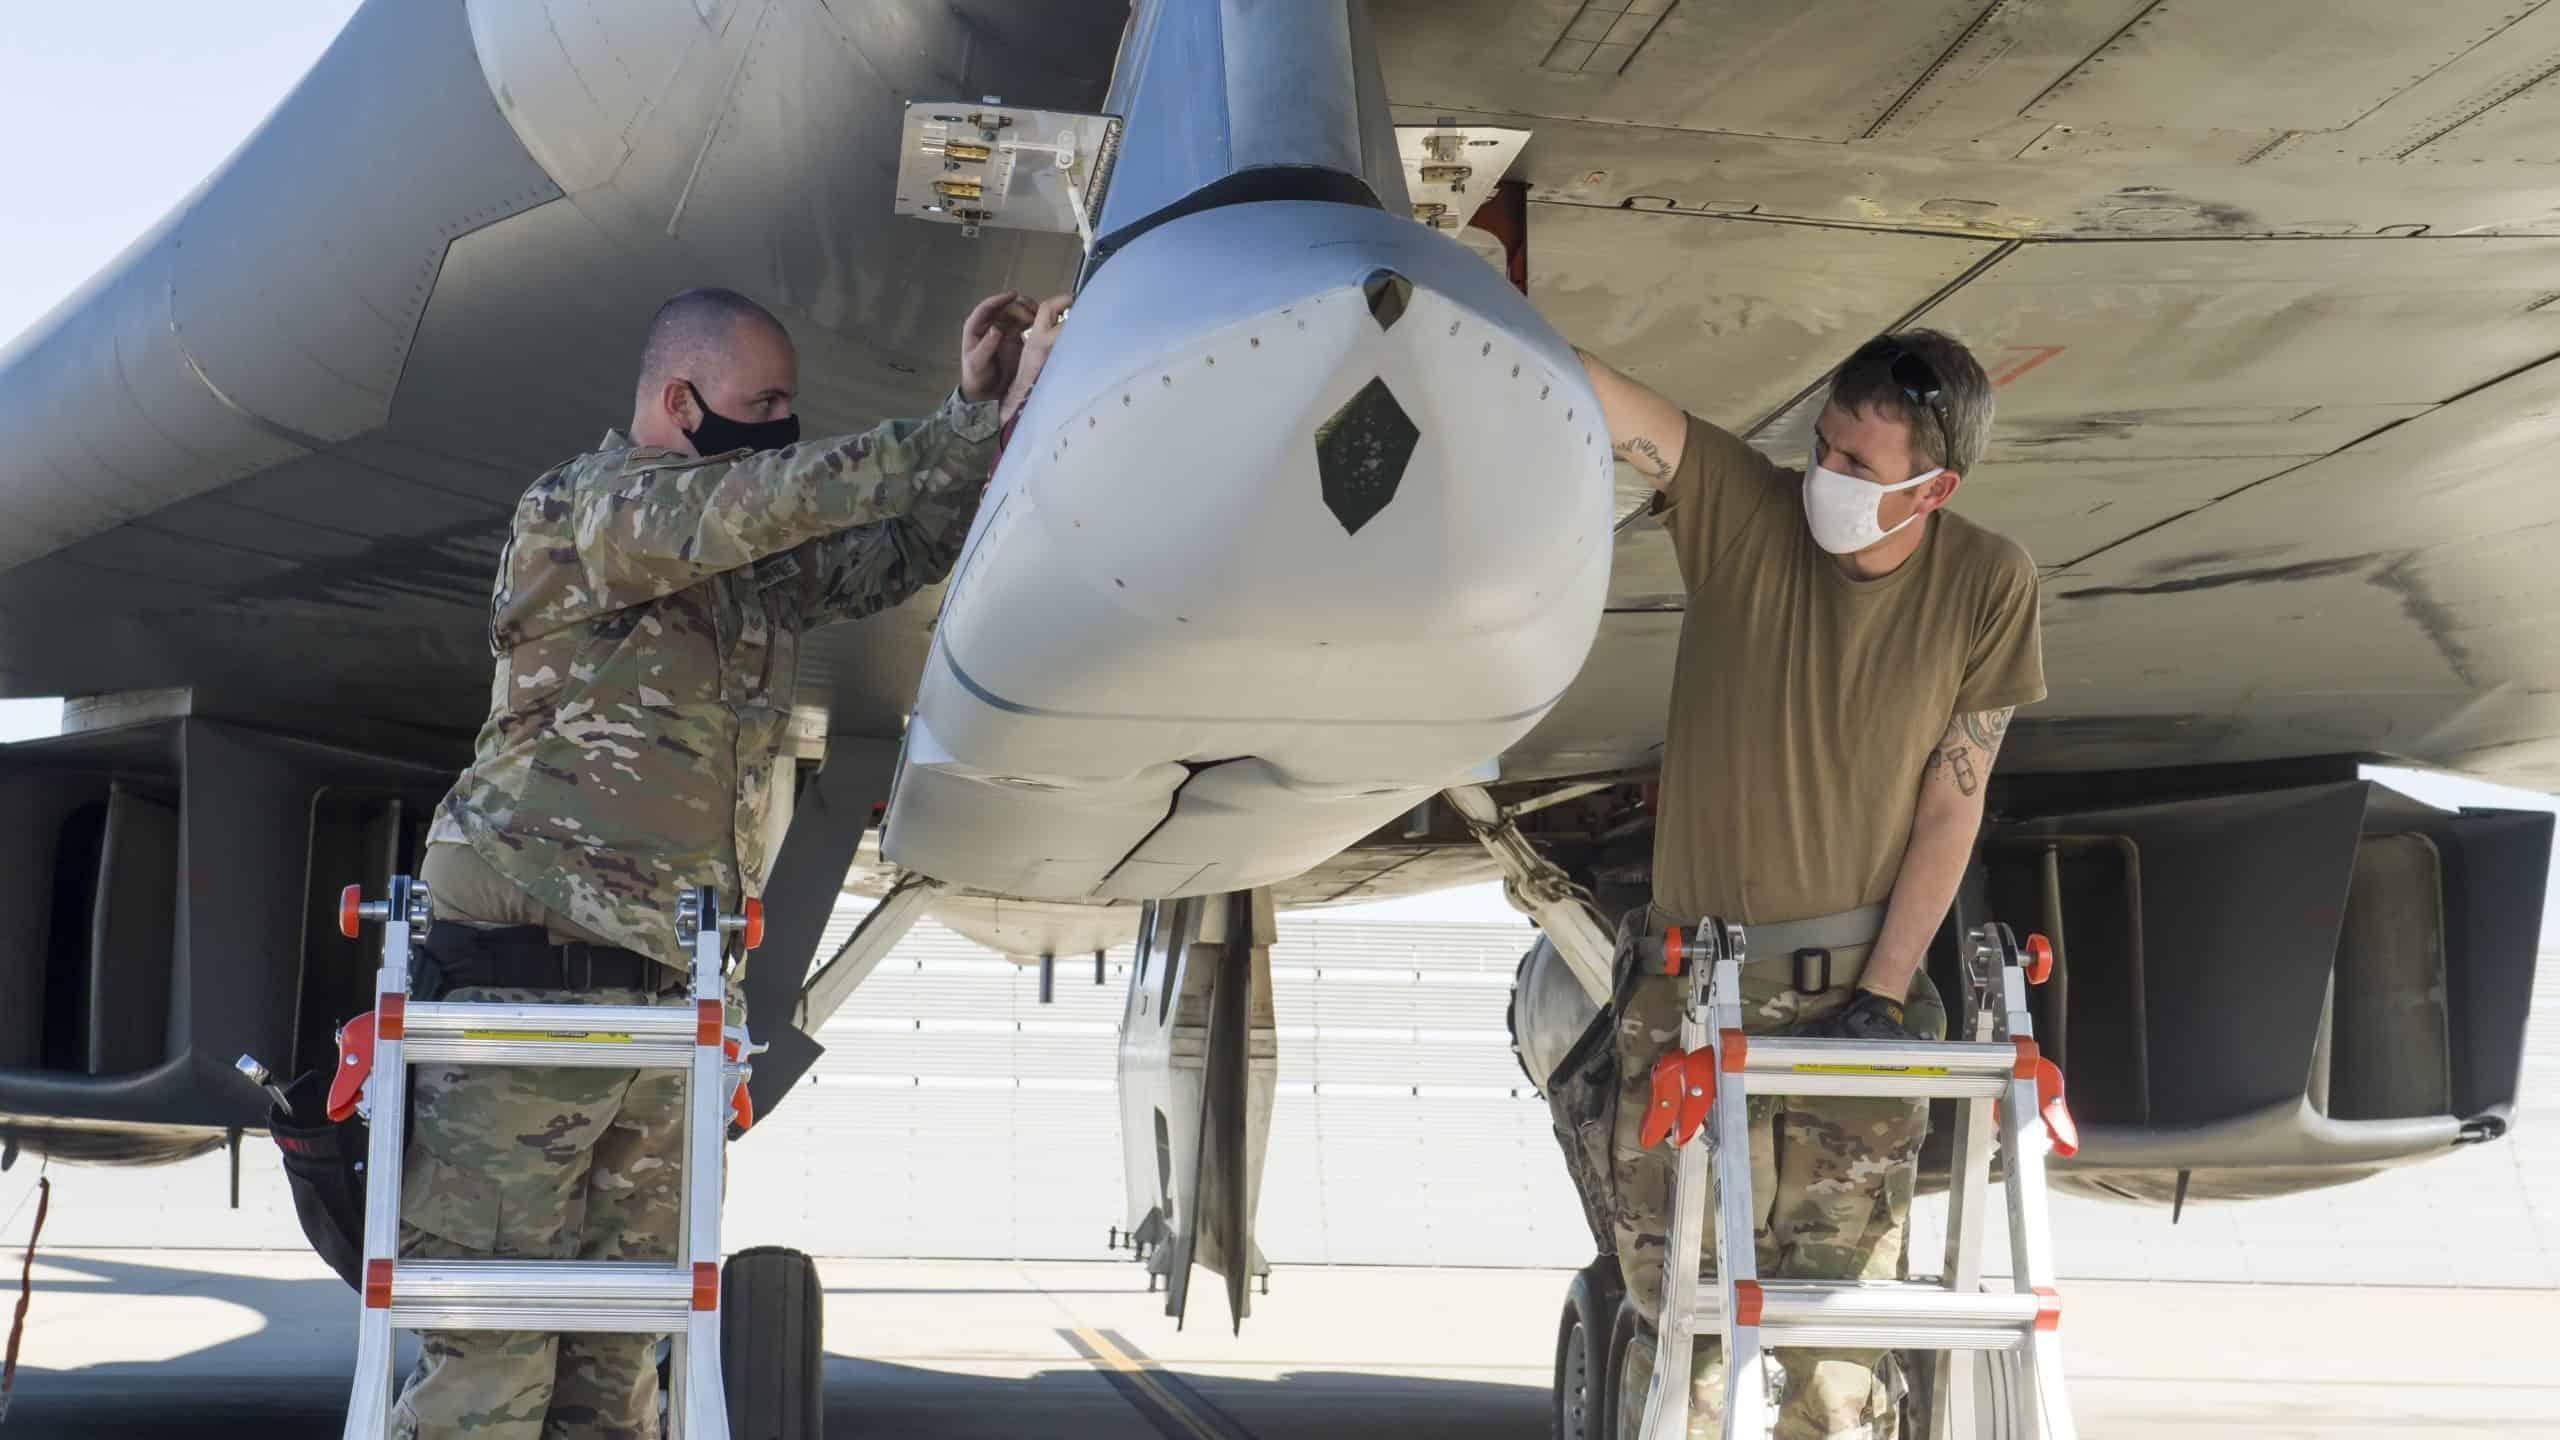 Встановлення ракети AGM-158 JASSM на B-1B «Lancer». Грудень 2020. Фото: ПС США